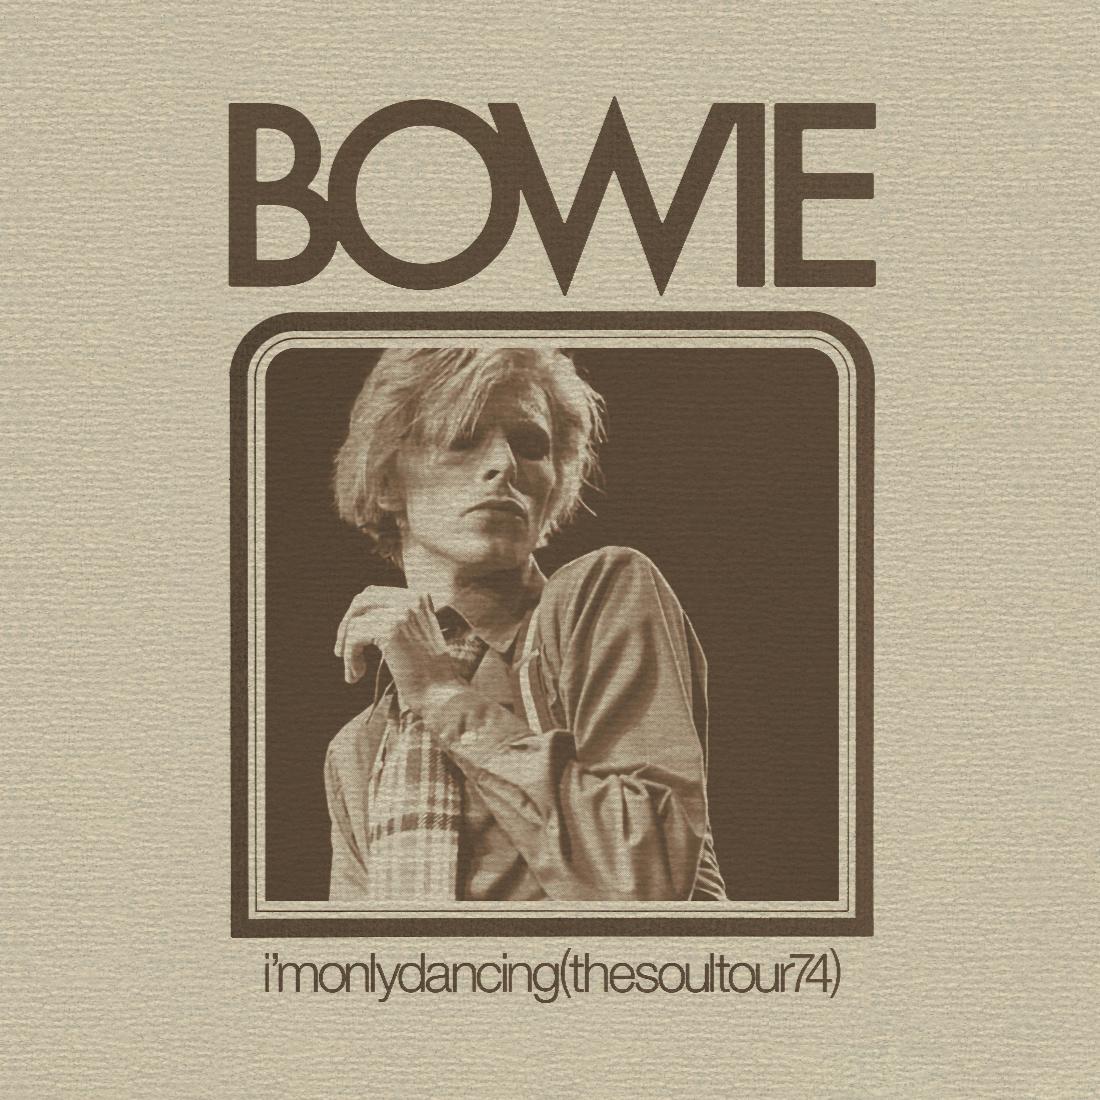 David Bowie Soul Tour